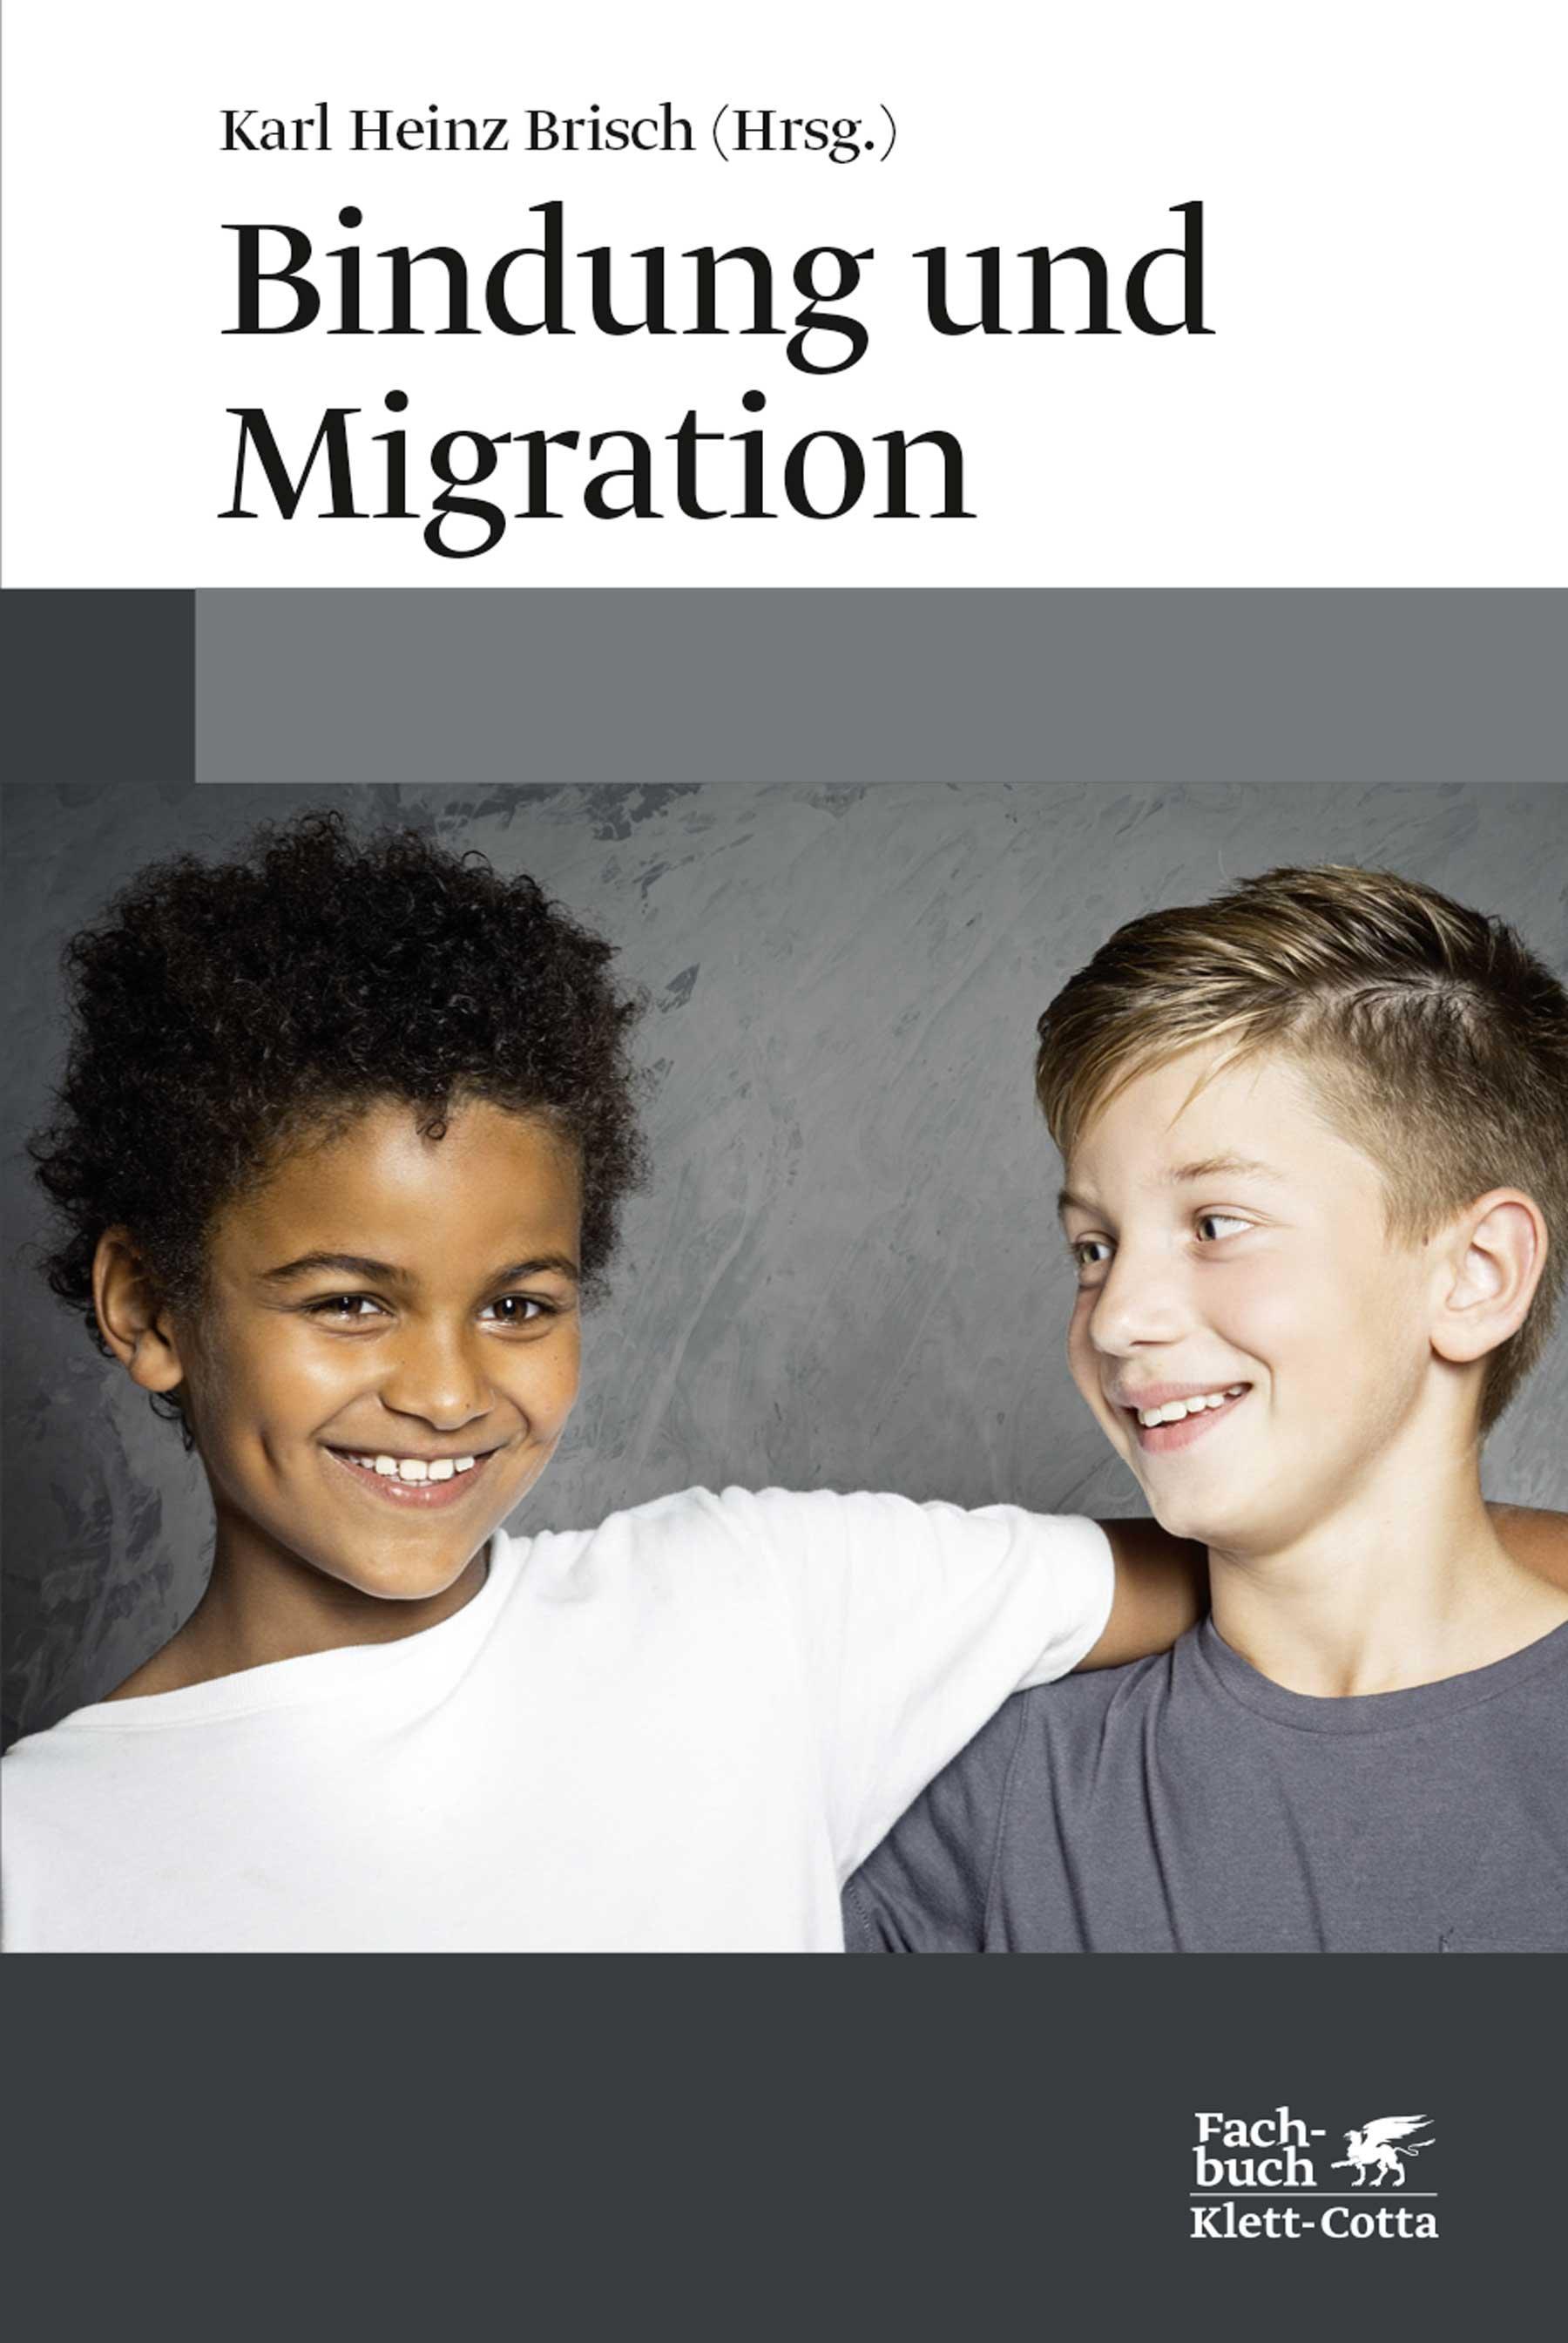 Bindung und Migration